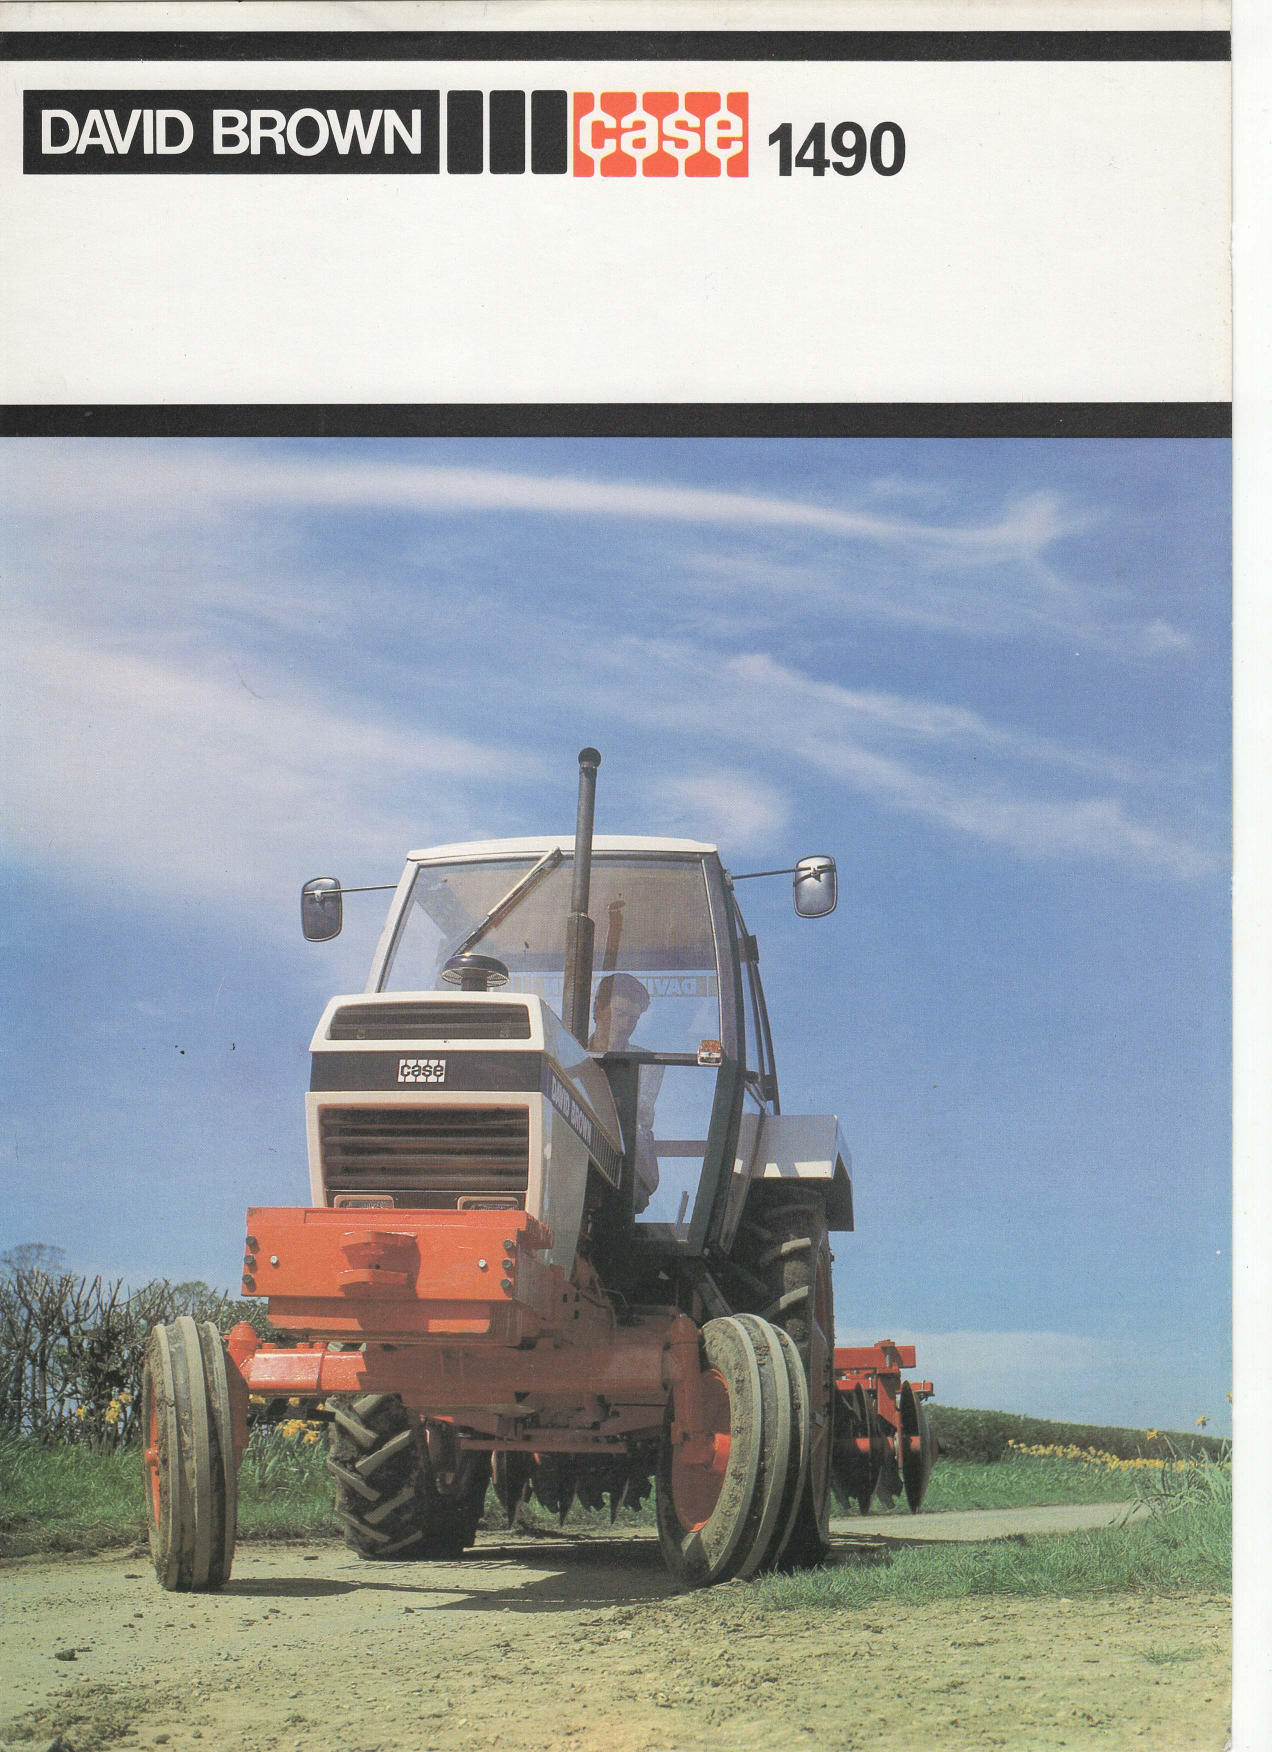 Case David Brown 1490 Tractor Sales Brochure